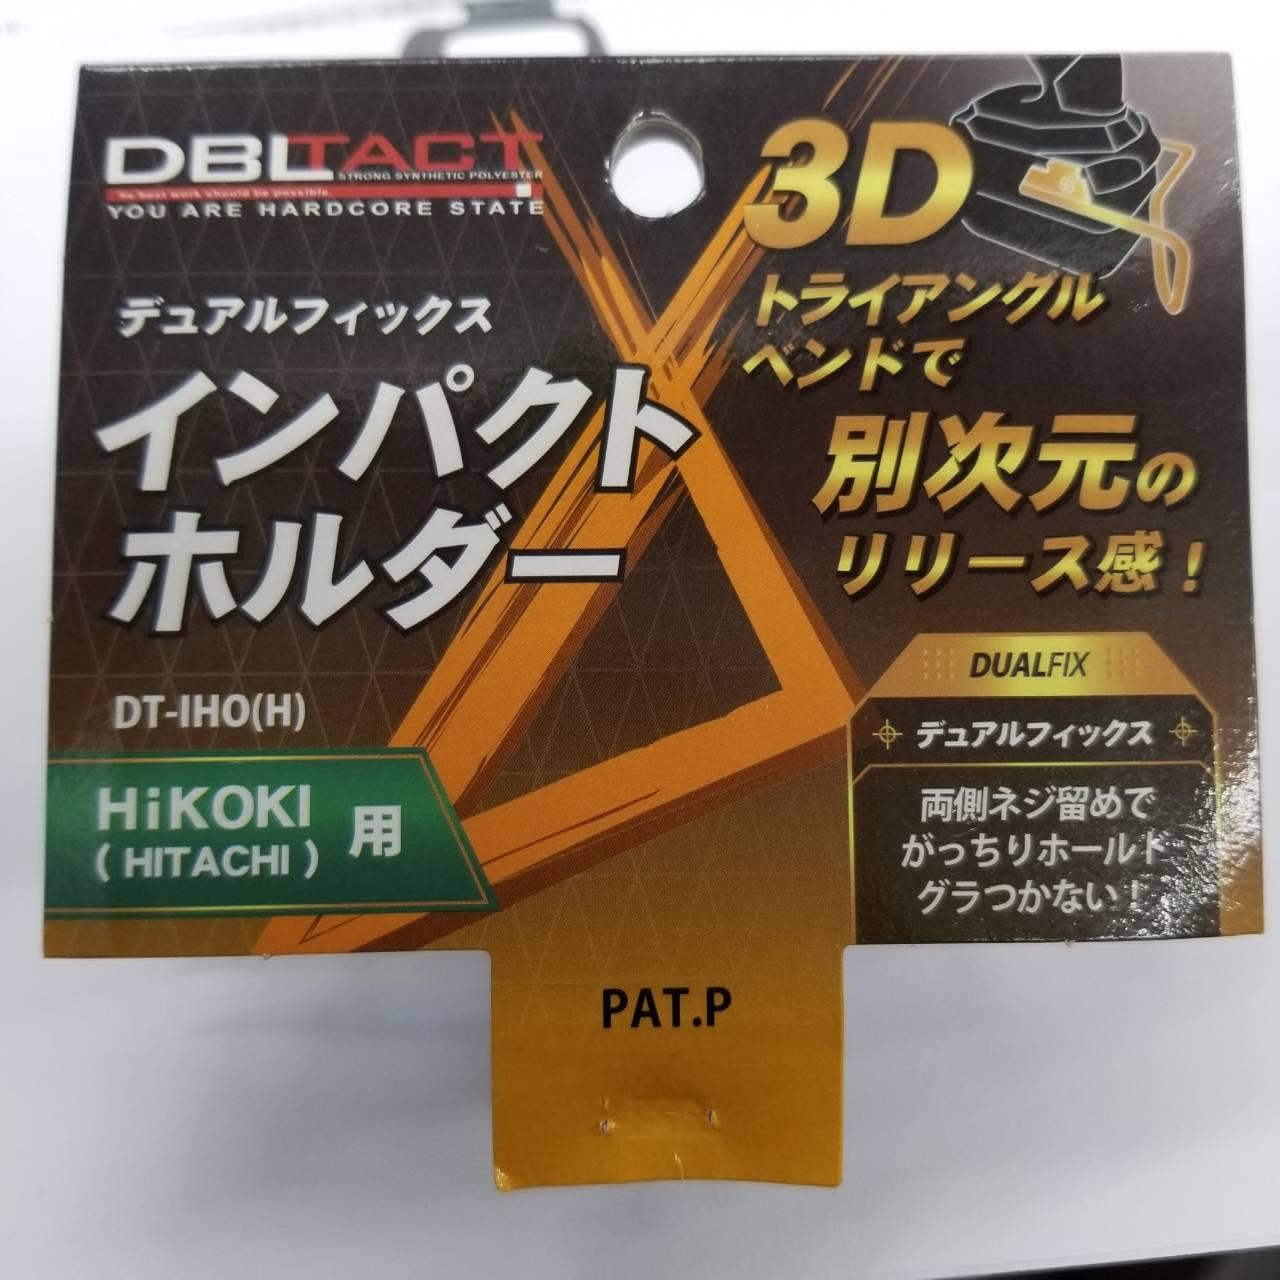 DBLTACT(三共コーポレーション) インパクトホルダー DT-IHO(H) HiKOKI用